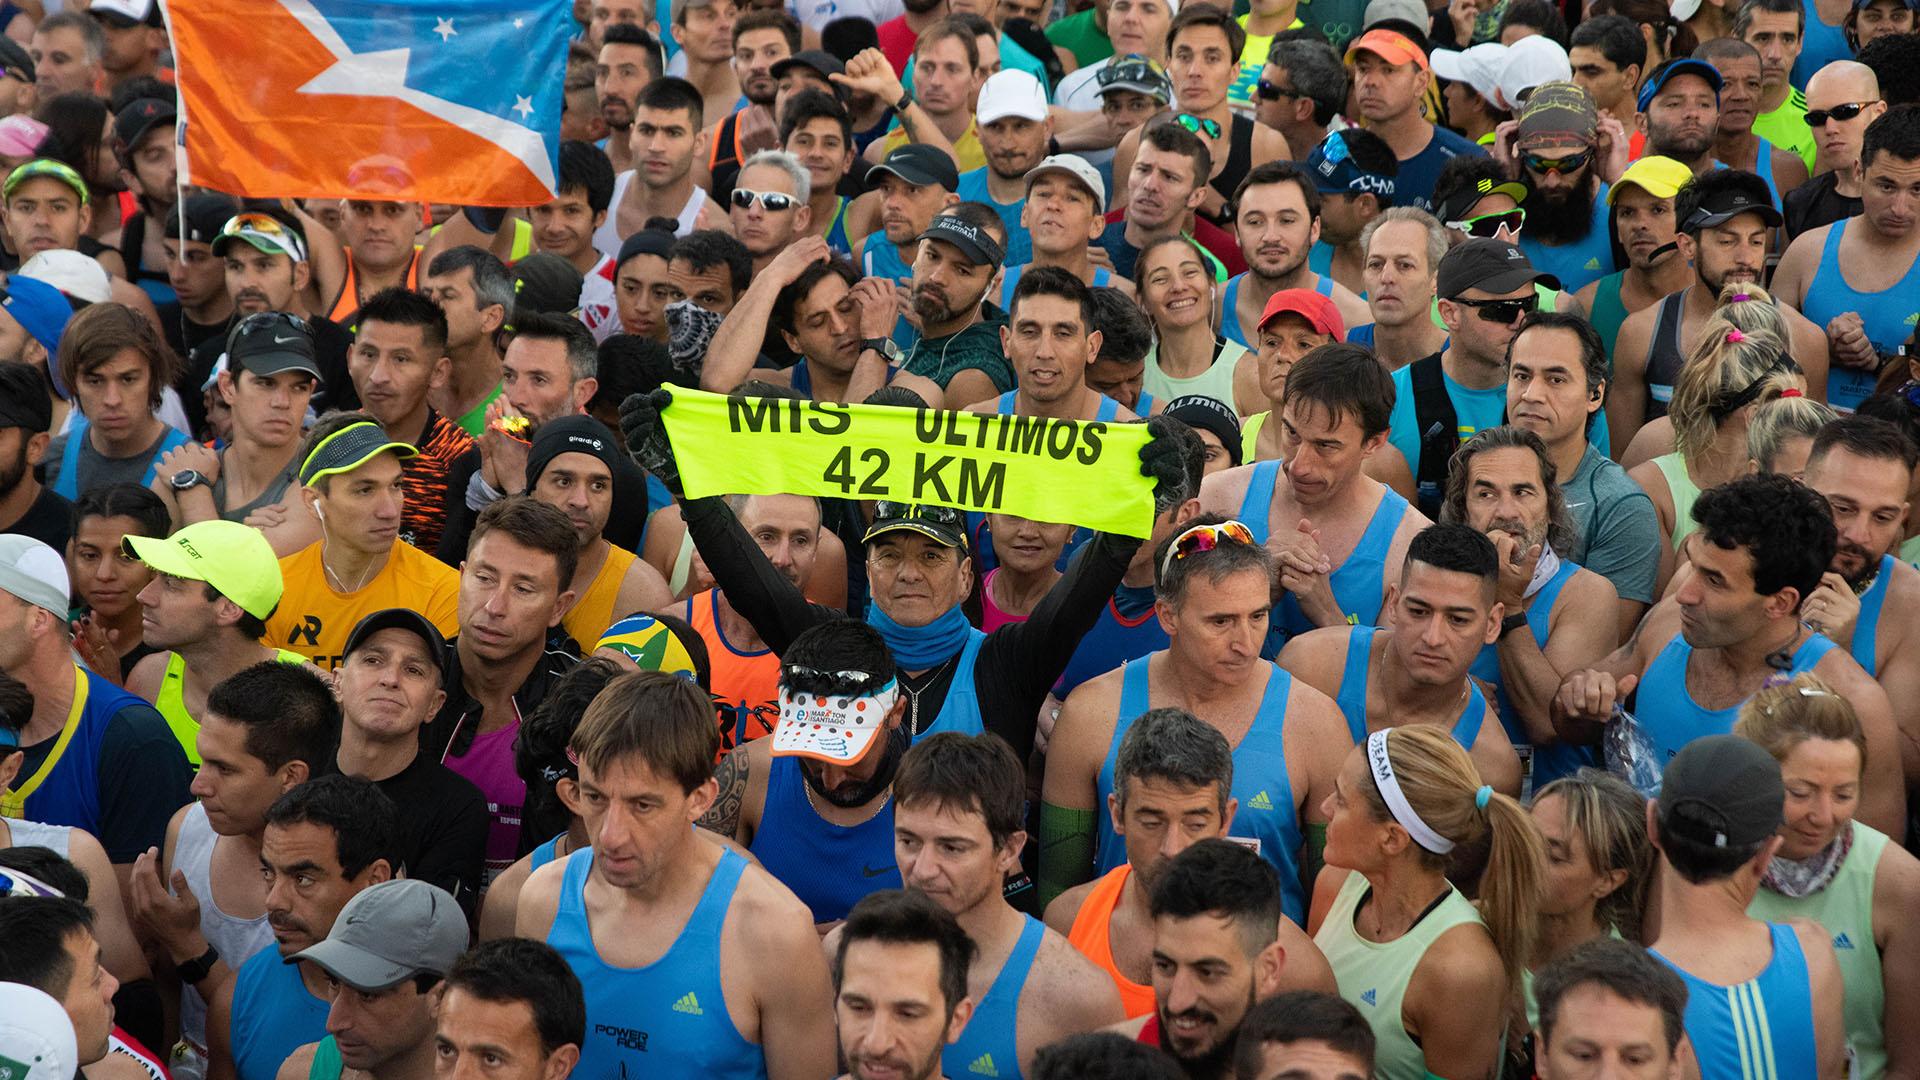 El corredor que anunció que esta sería la última maratón de su vida